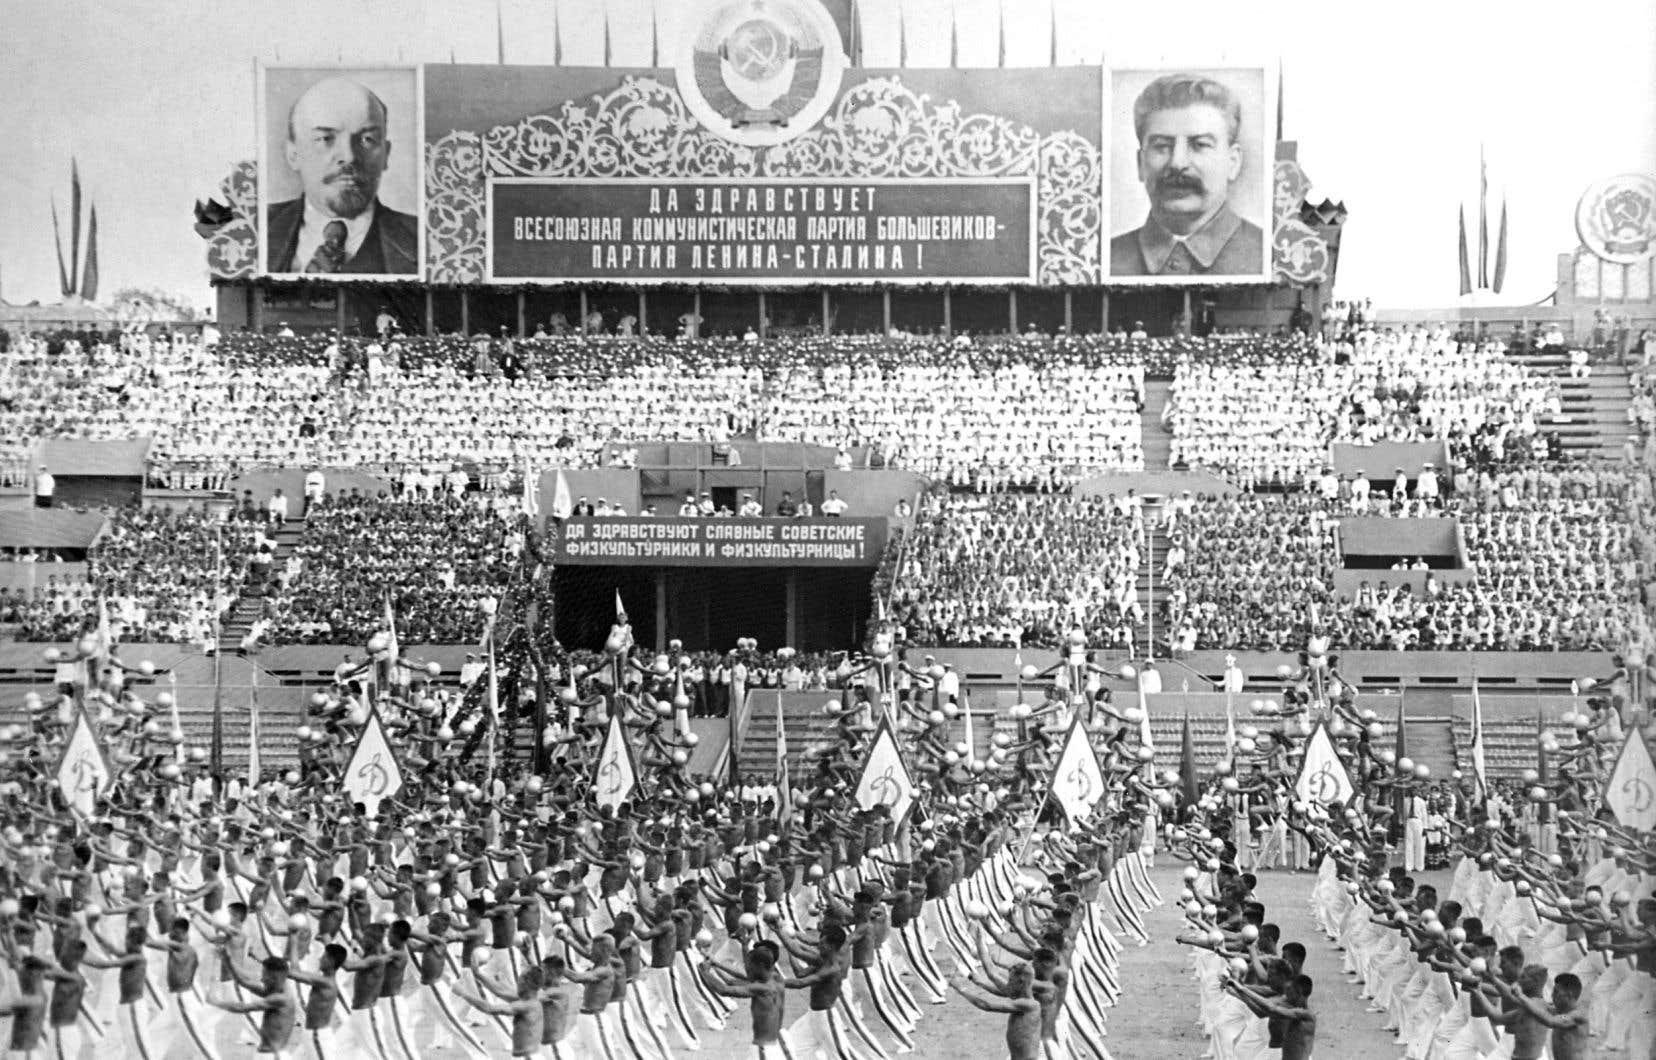 Malgré ses défauts, l'URSS est devenu un phare pour ceux qui cherchent l'égalité sociale, tant en Occident que dans ses colonies, rappelle l'auteur. Sur la photo, des gymnastes soviétiques défilent sous les portraits de Lénine et Staline en 1946.